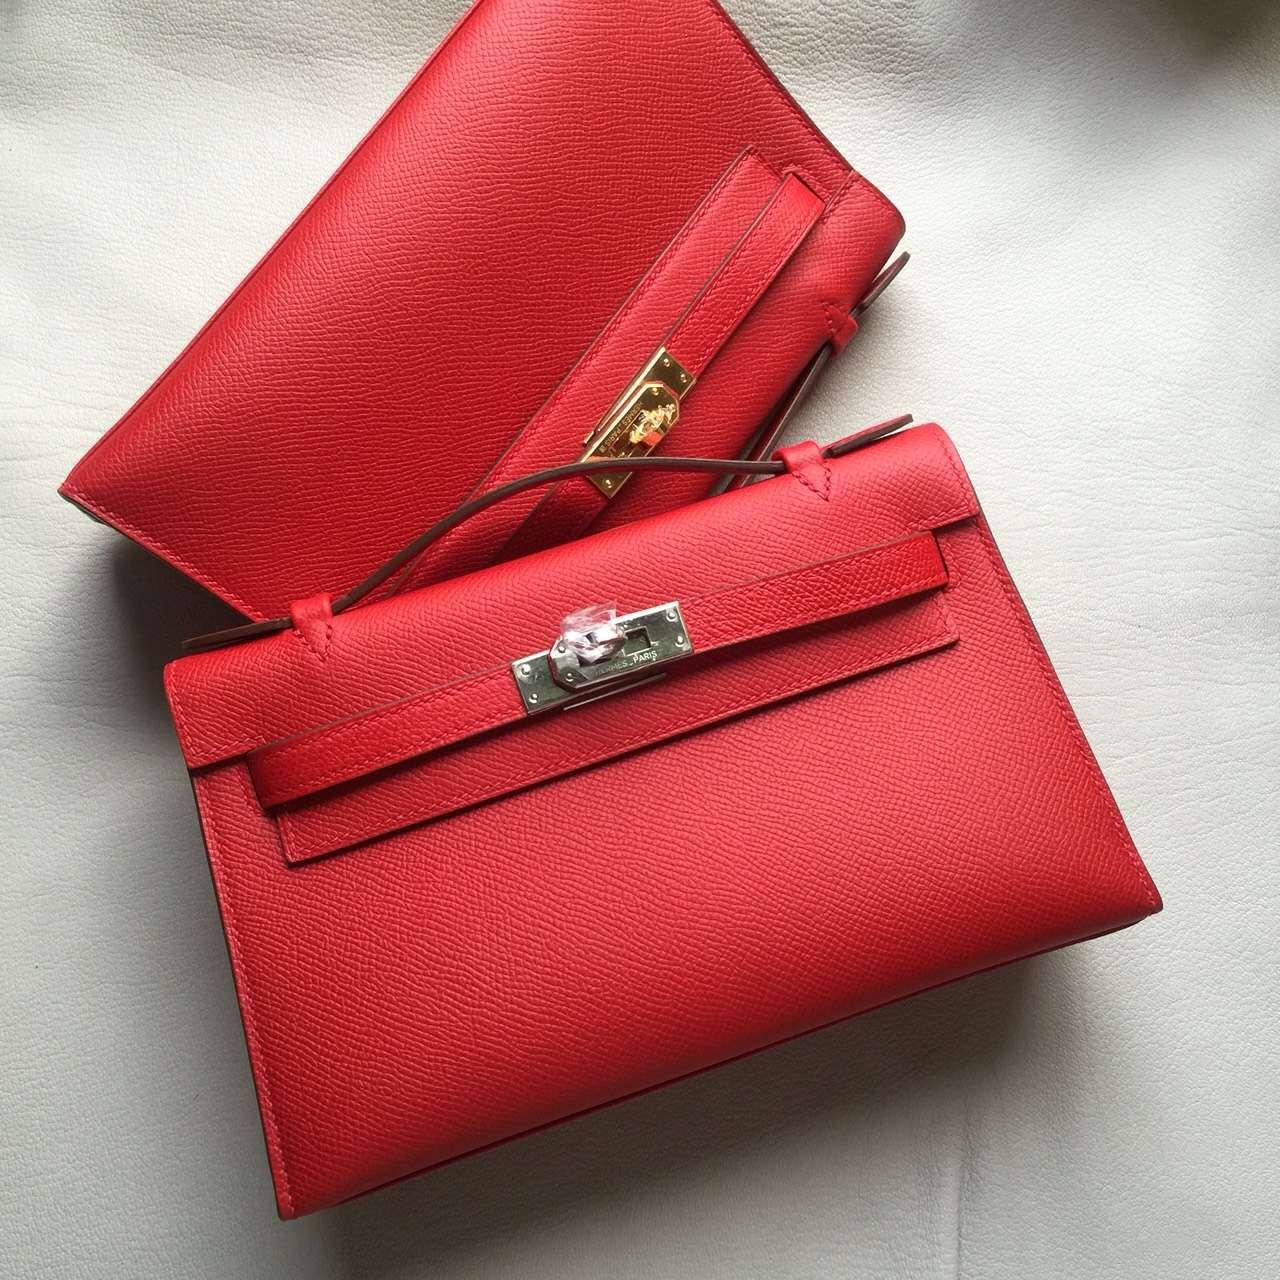 Cheap Hermes Mini Kelly Q5 Rouge Casaque Epsom Leather Clutch Bag22cm